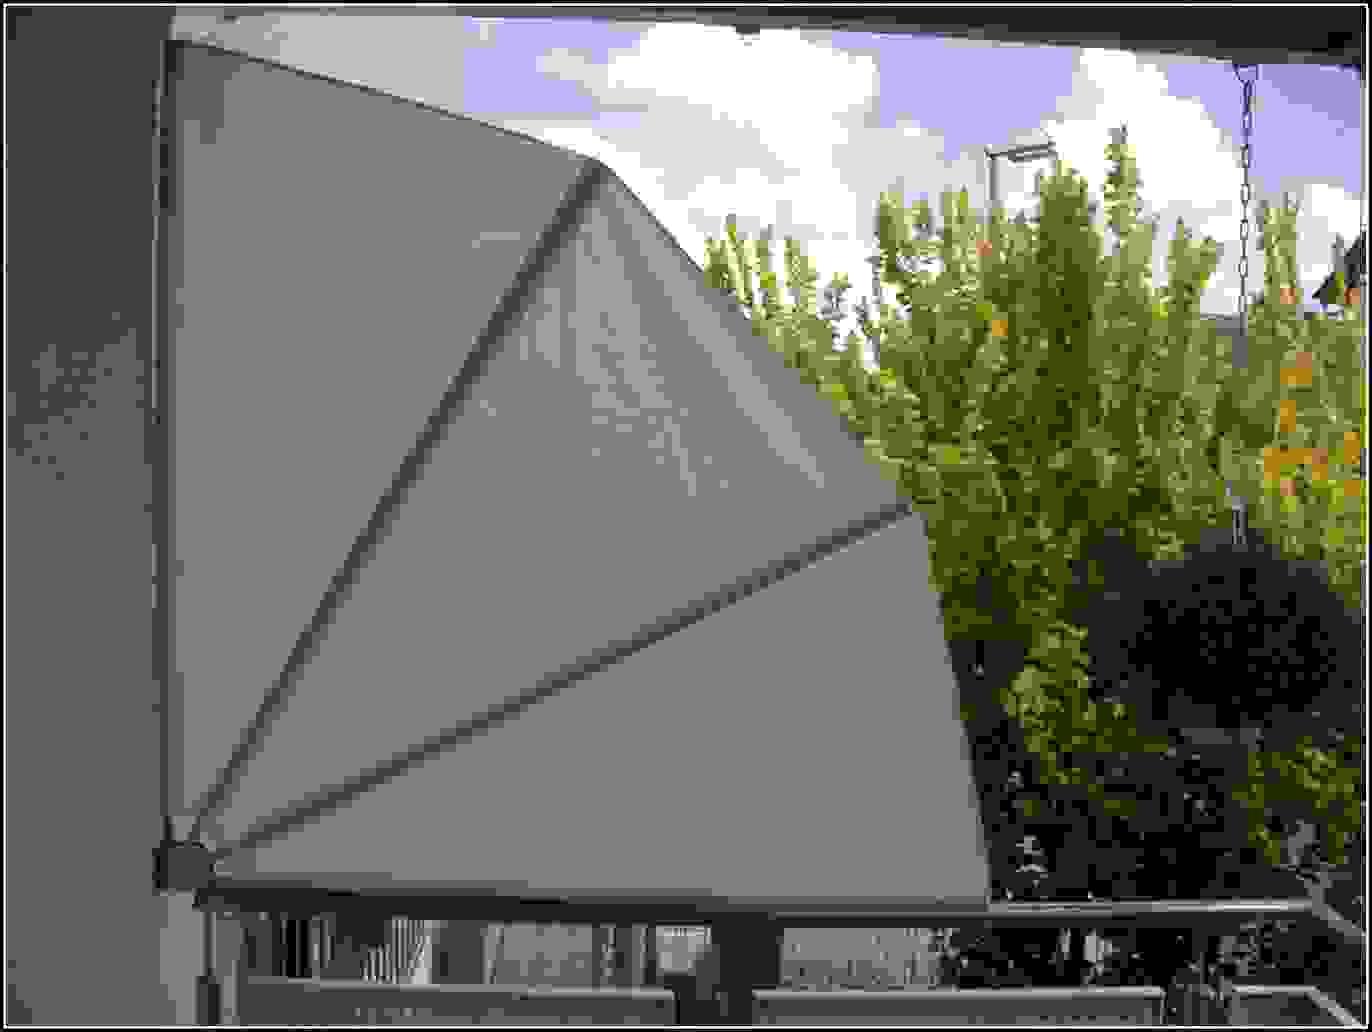 Frisch Von Sichtschutz Fächer Für Balkon Ohne Bohren Ideen  Moderne von Sichtschutz Für Balkon Ohne Bohren Photo